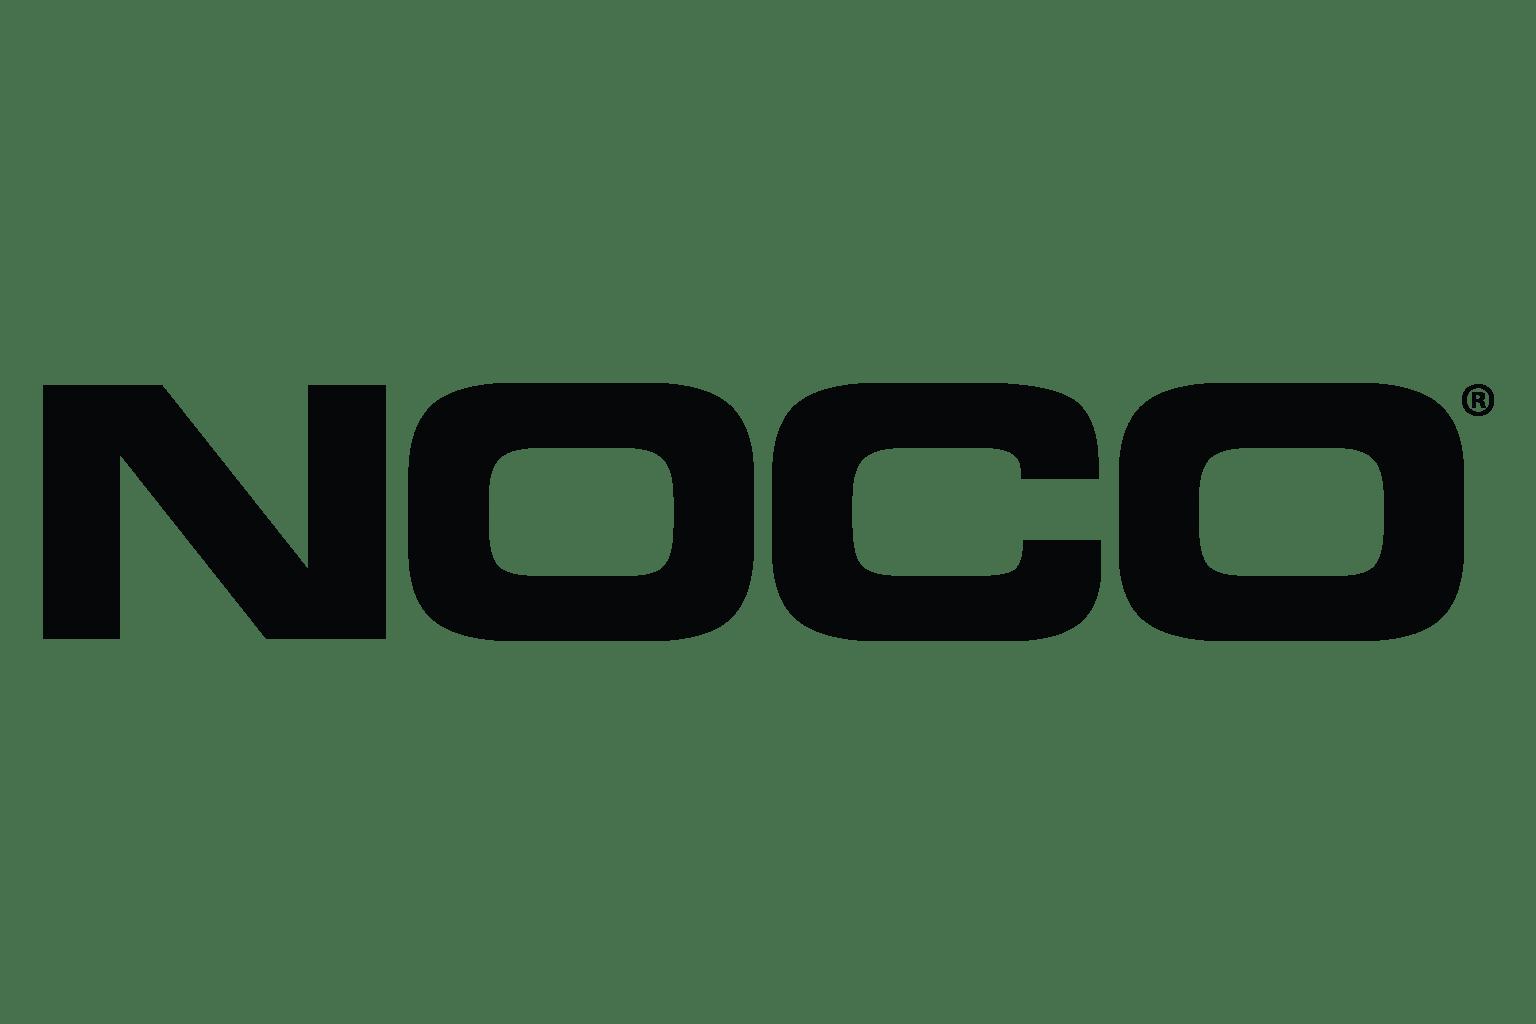 NOCO Company